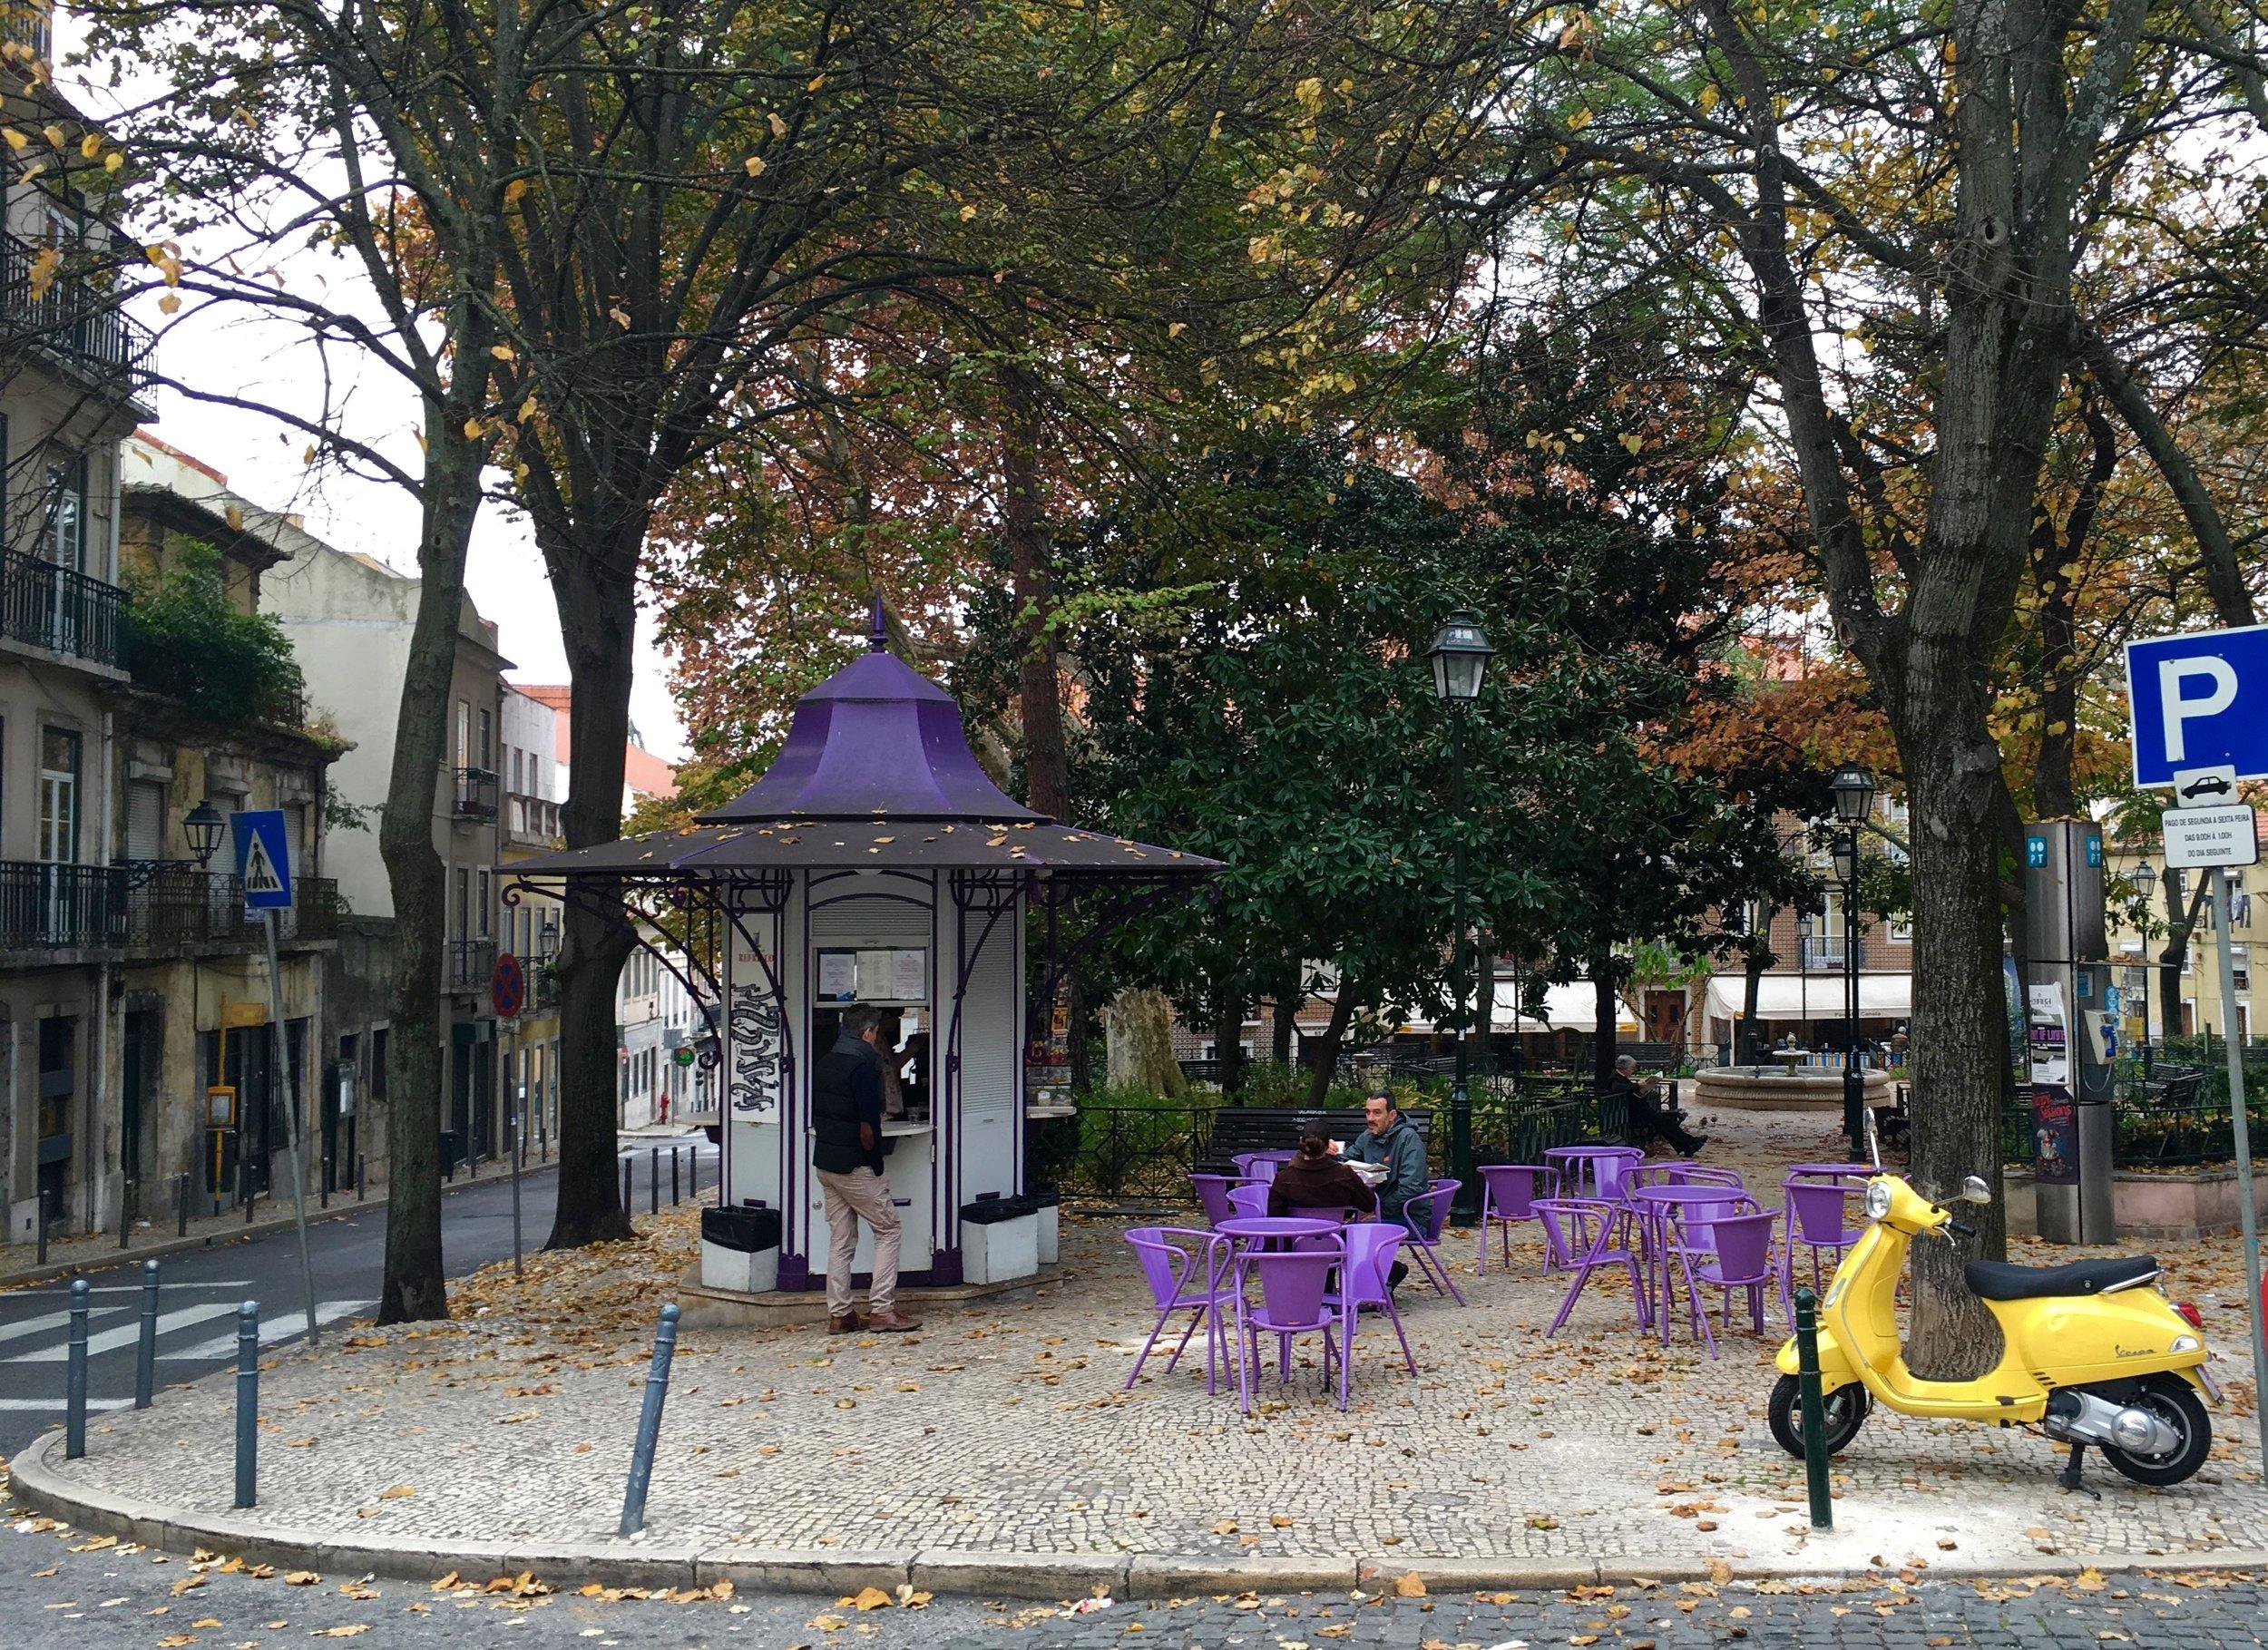 Quiosque Praça das Flores, Lisbon